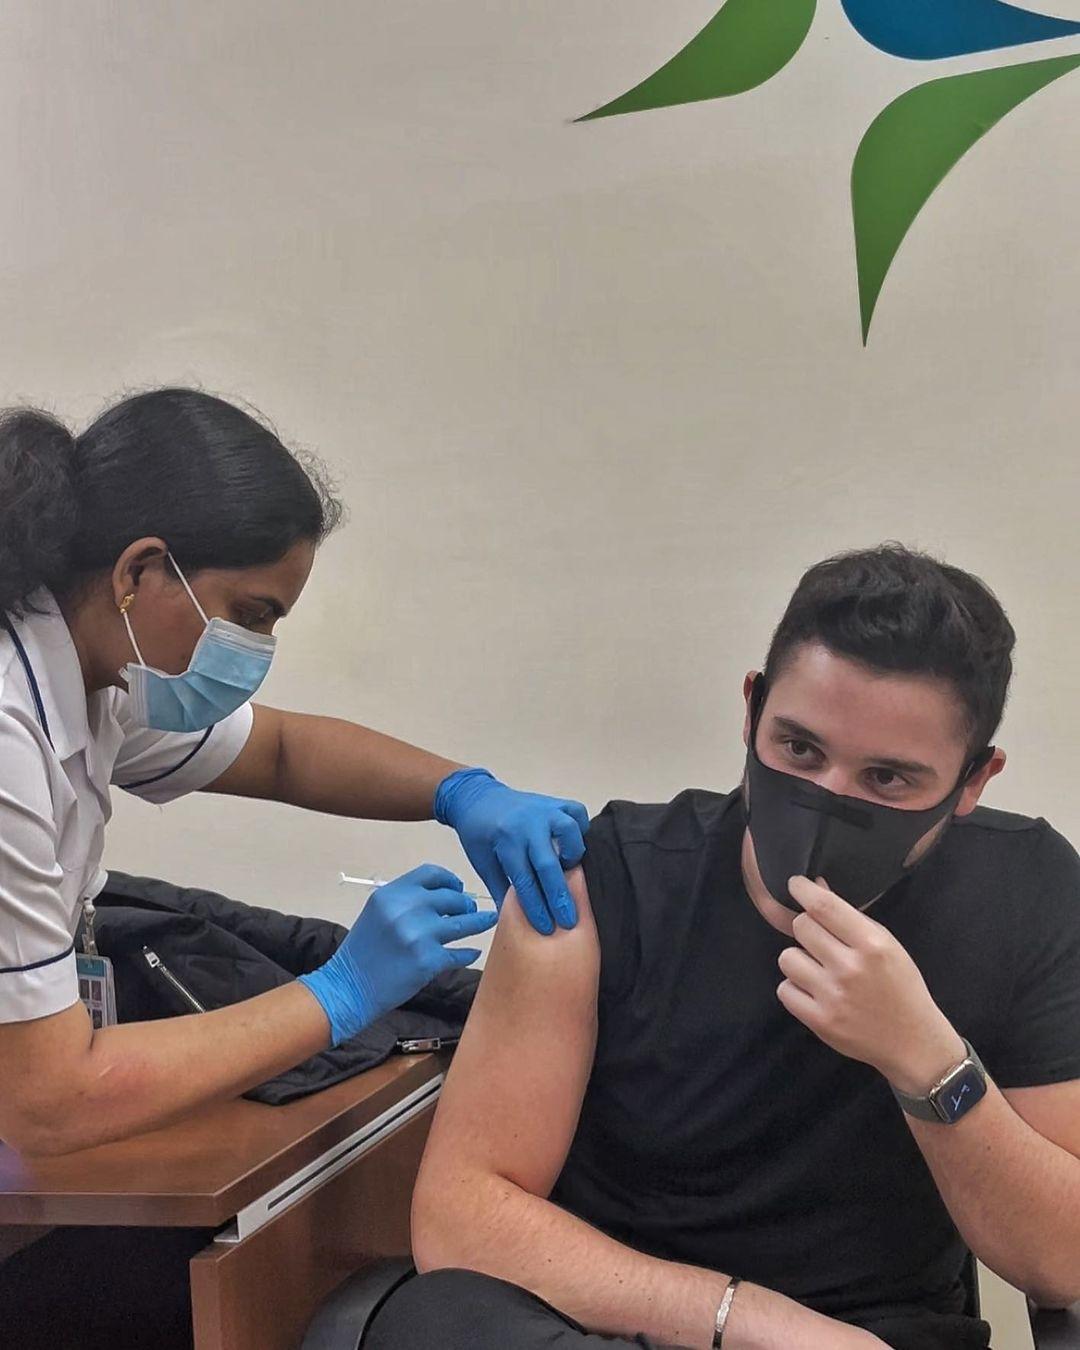 الوليد يخضع للقاح